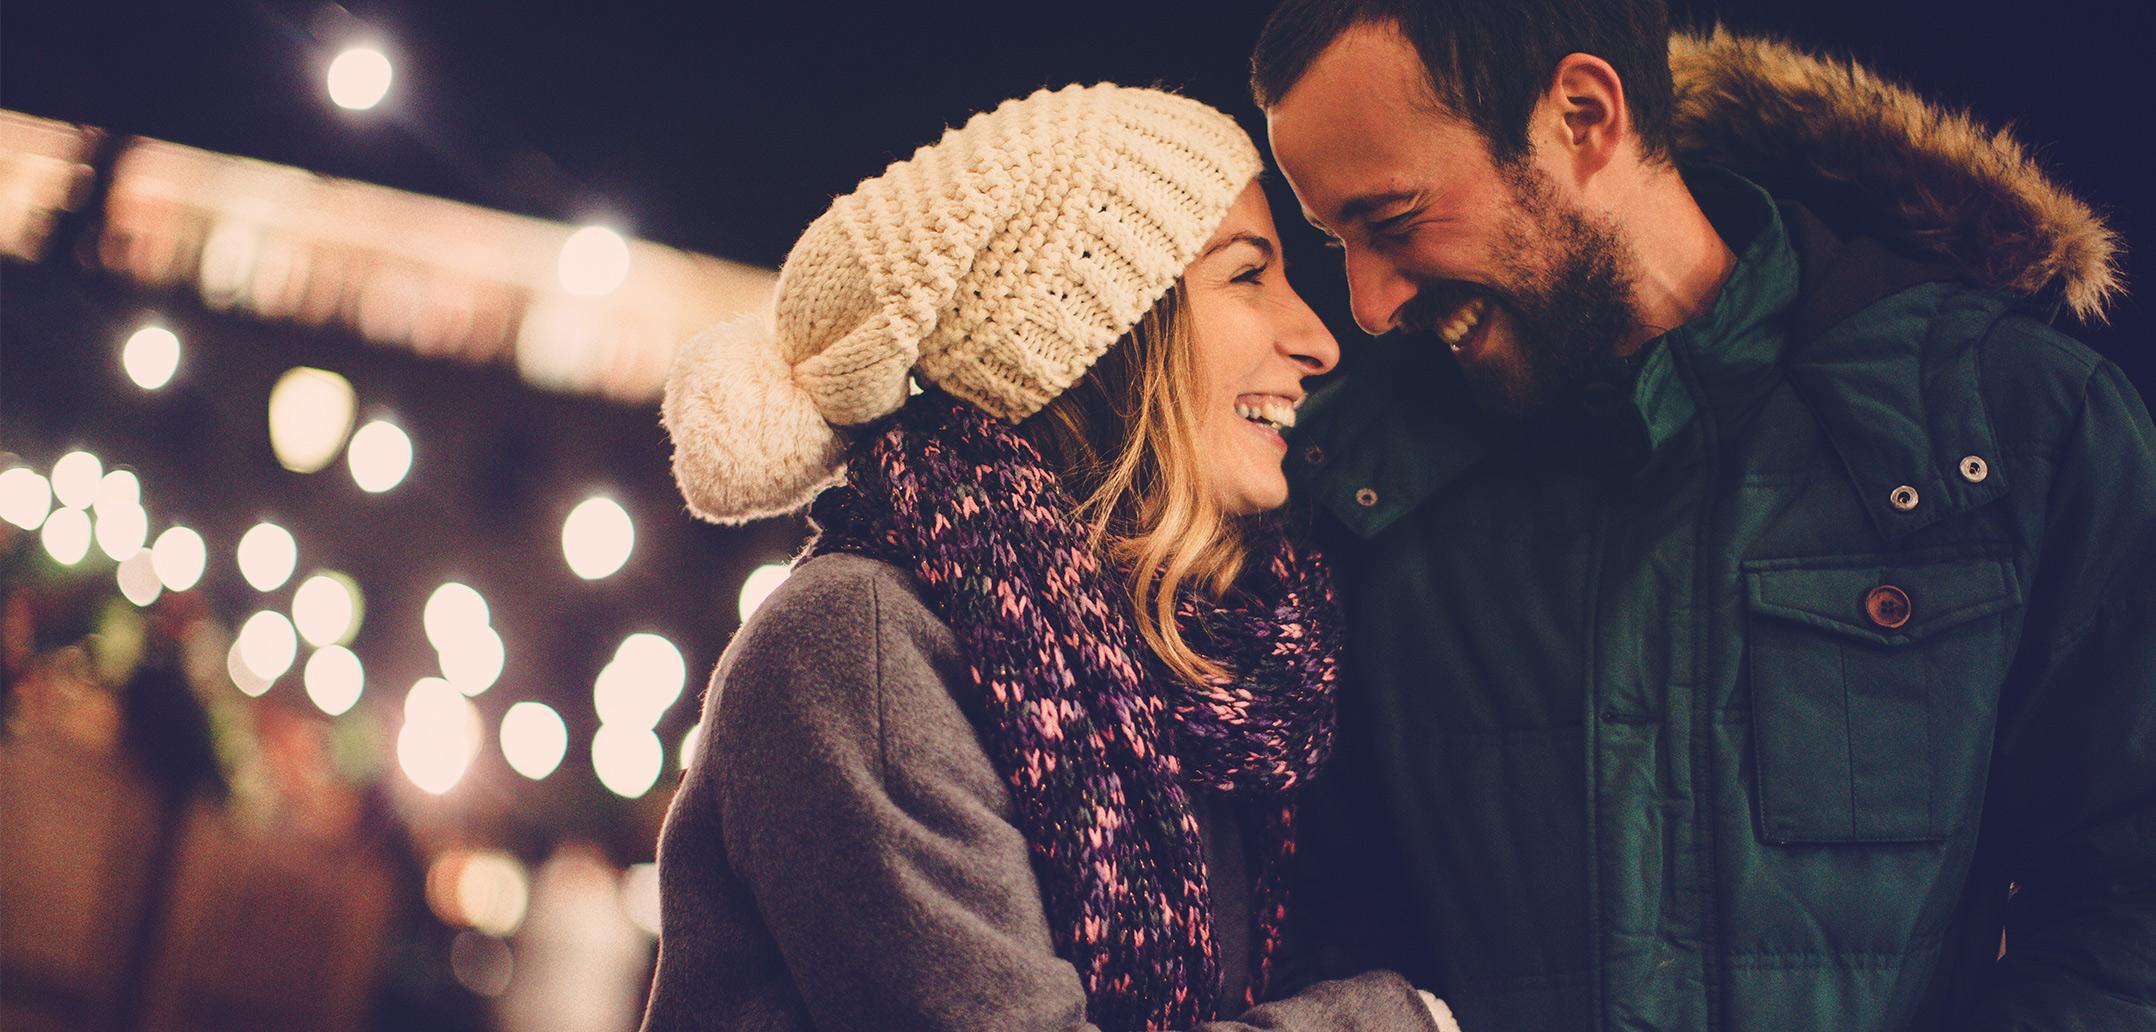 So entkommen Sie dem Weihnachtsstress als Paar | beziehungsweise